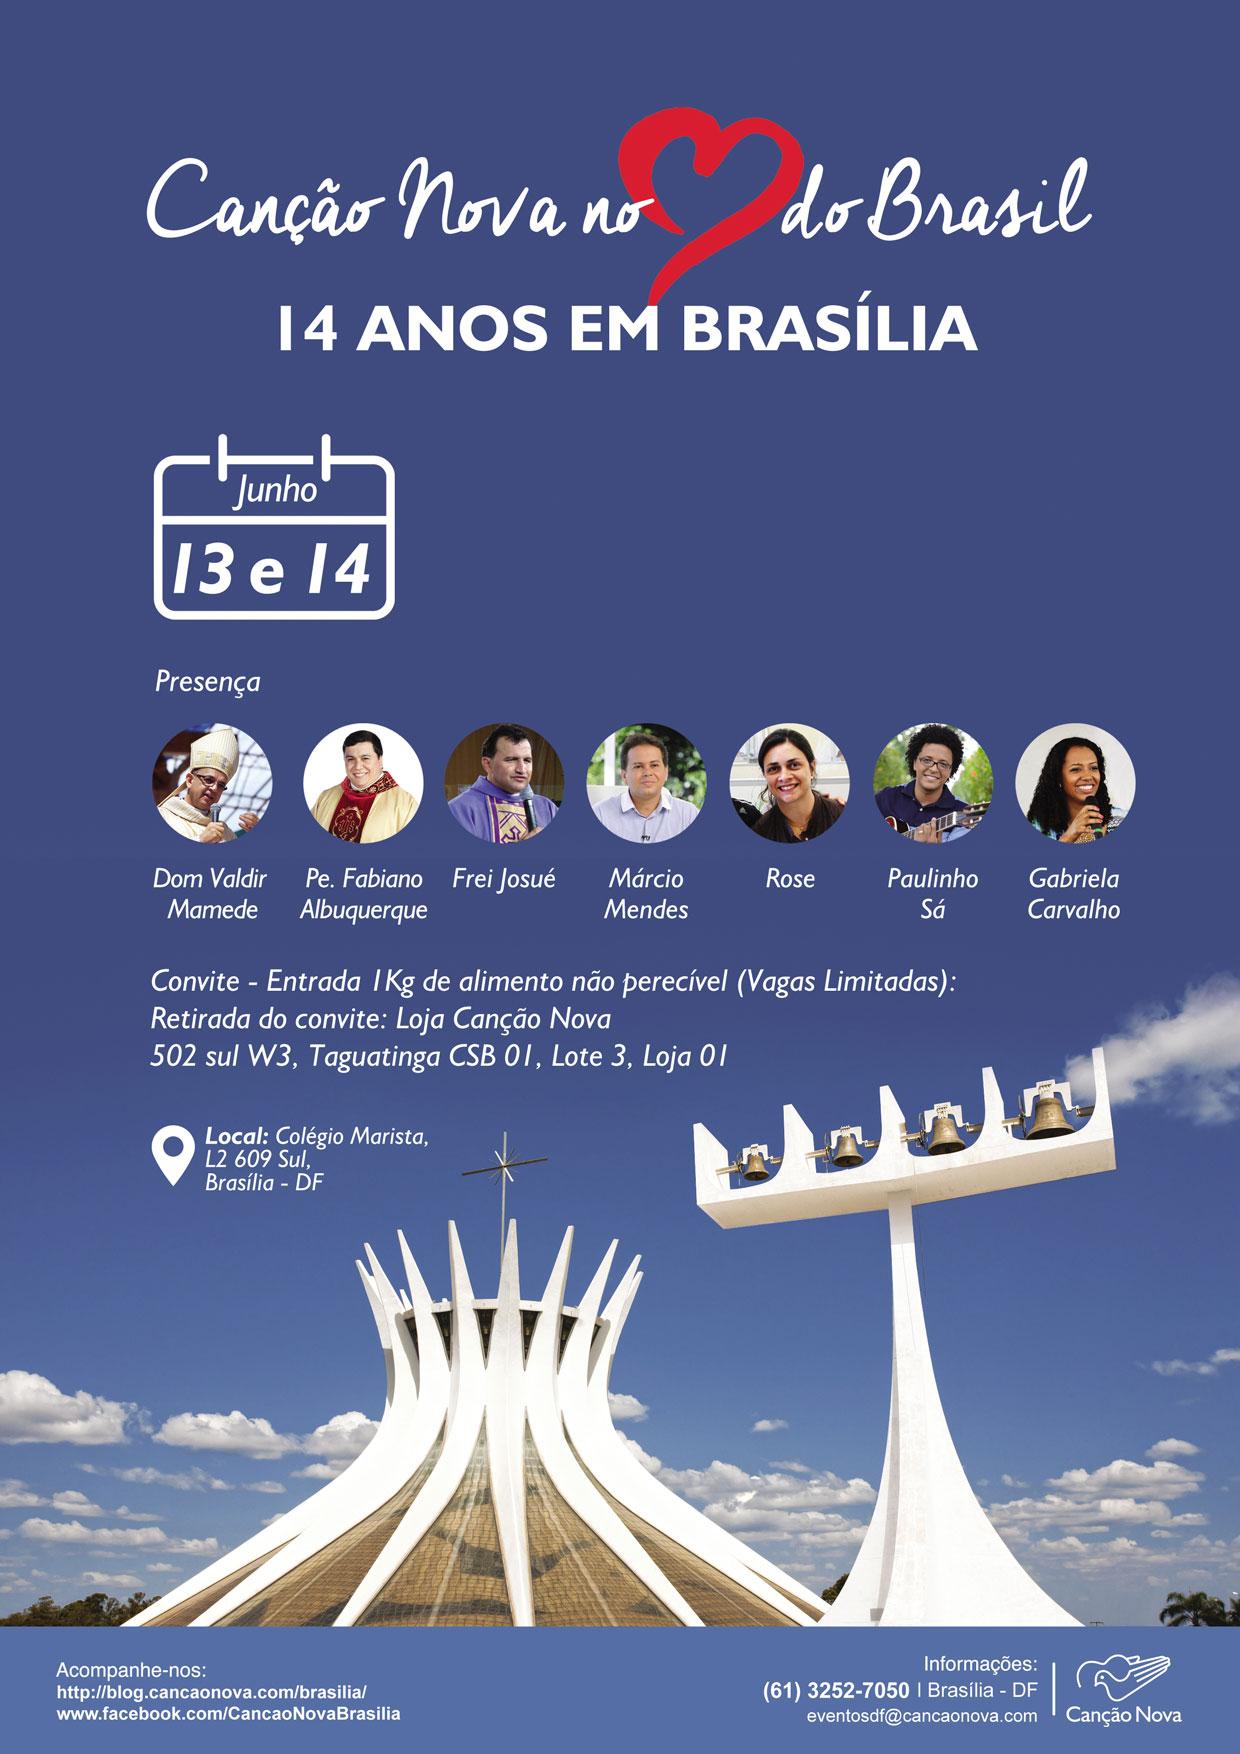 Aniversário de CN Brasília